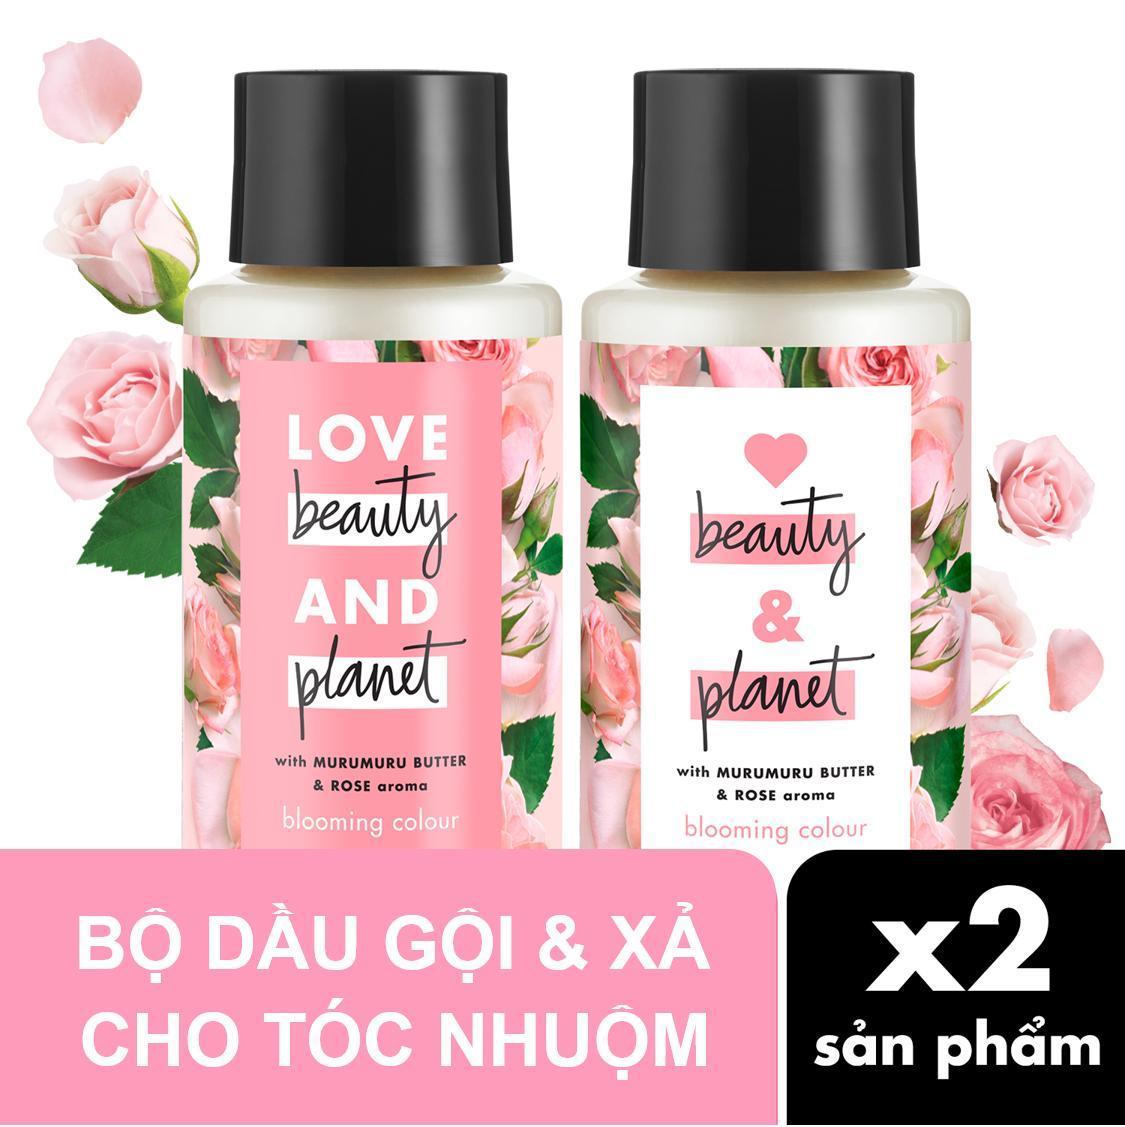 Combo chăm sóc tóc nhuộm dầu gội & dầu xả Love Beauty & Planet 400ml